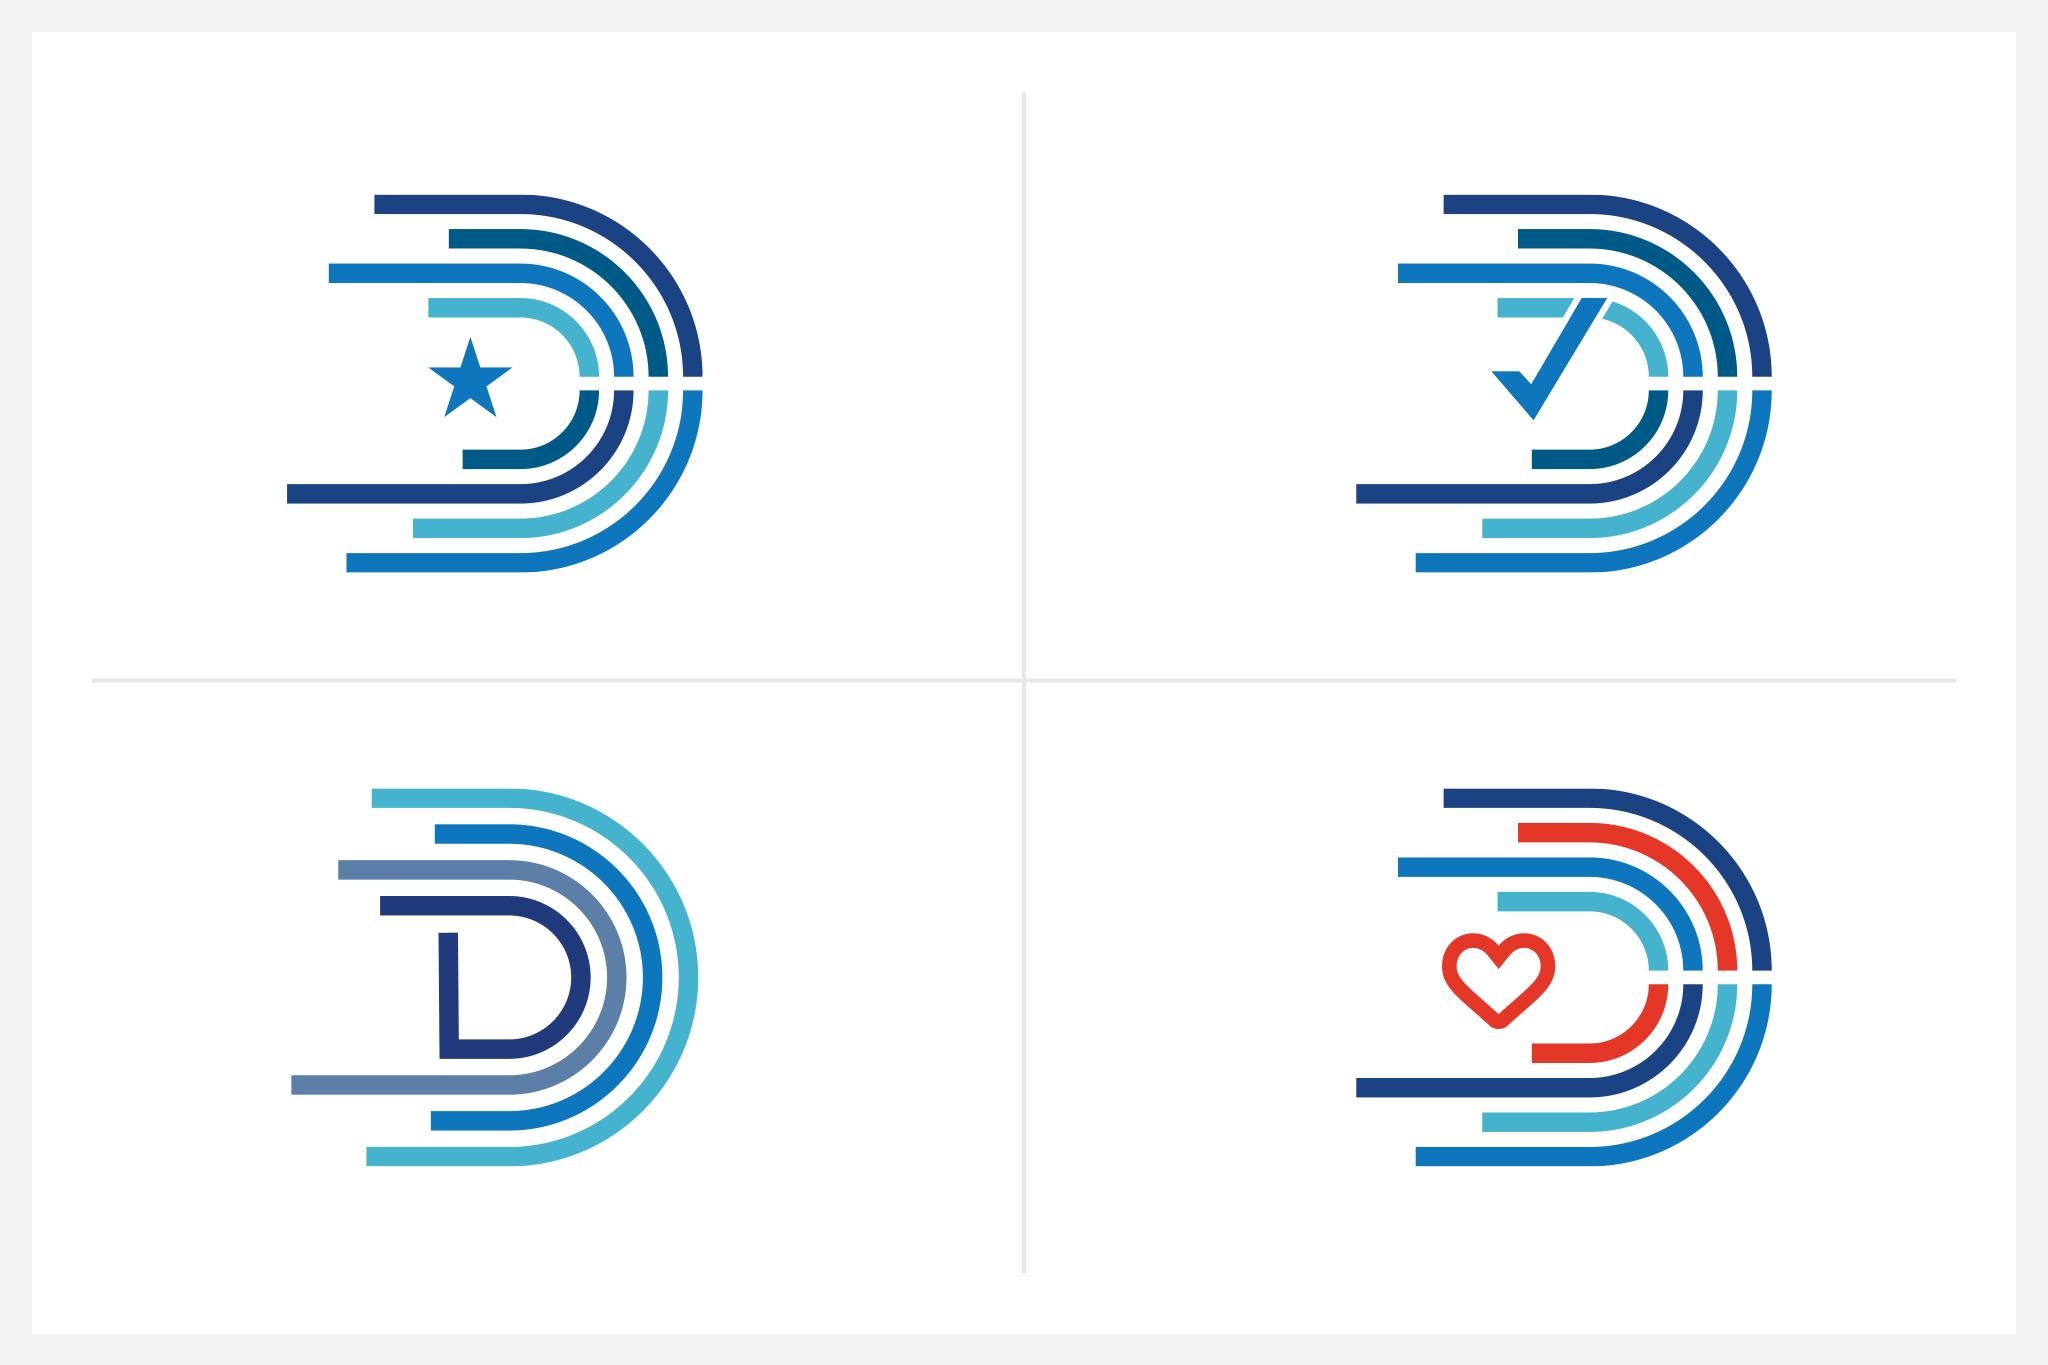 jkdc_dccc-presents-vector-marks.png